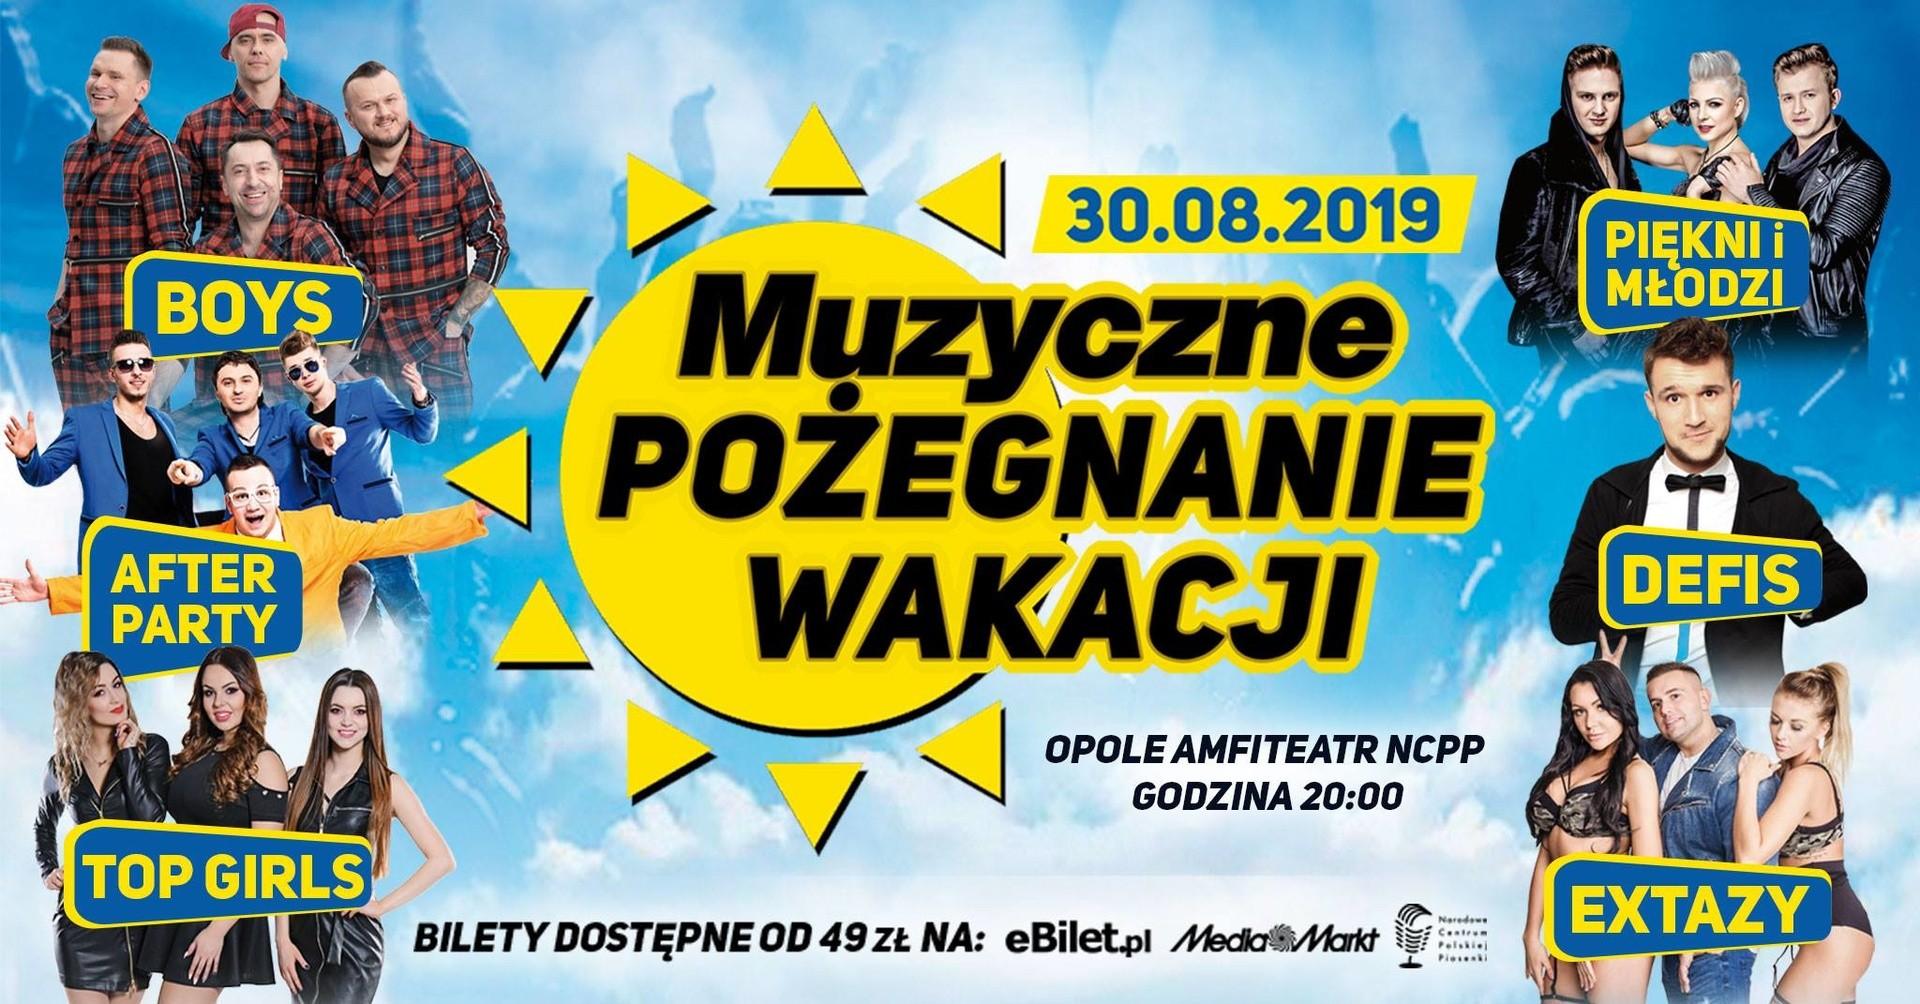 Piekni i mlodzi koncerty w niemczech 2019